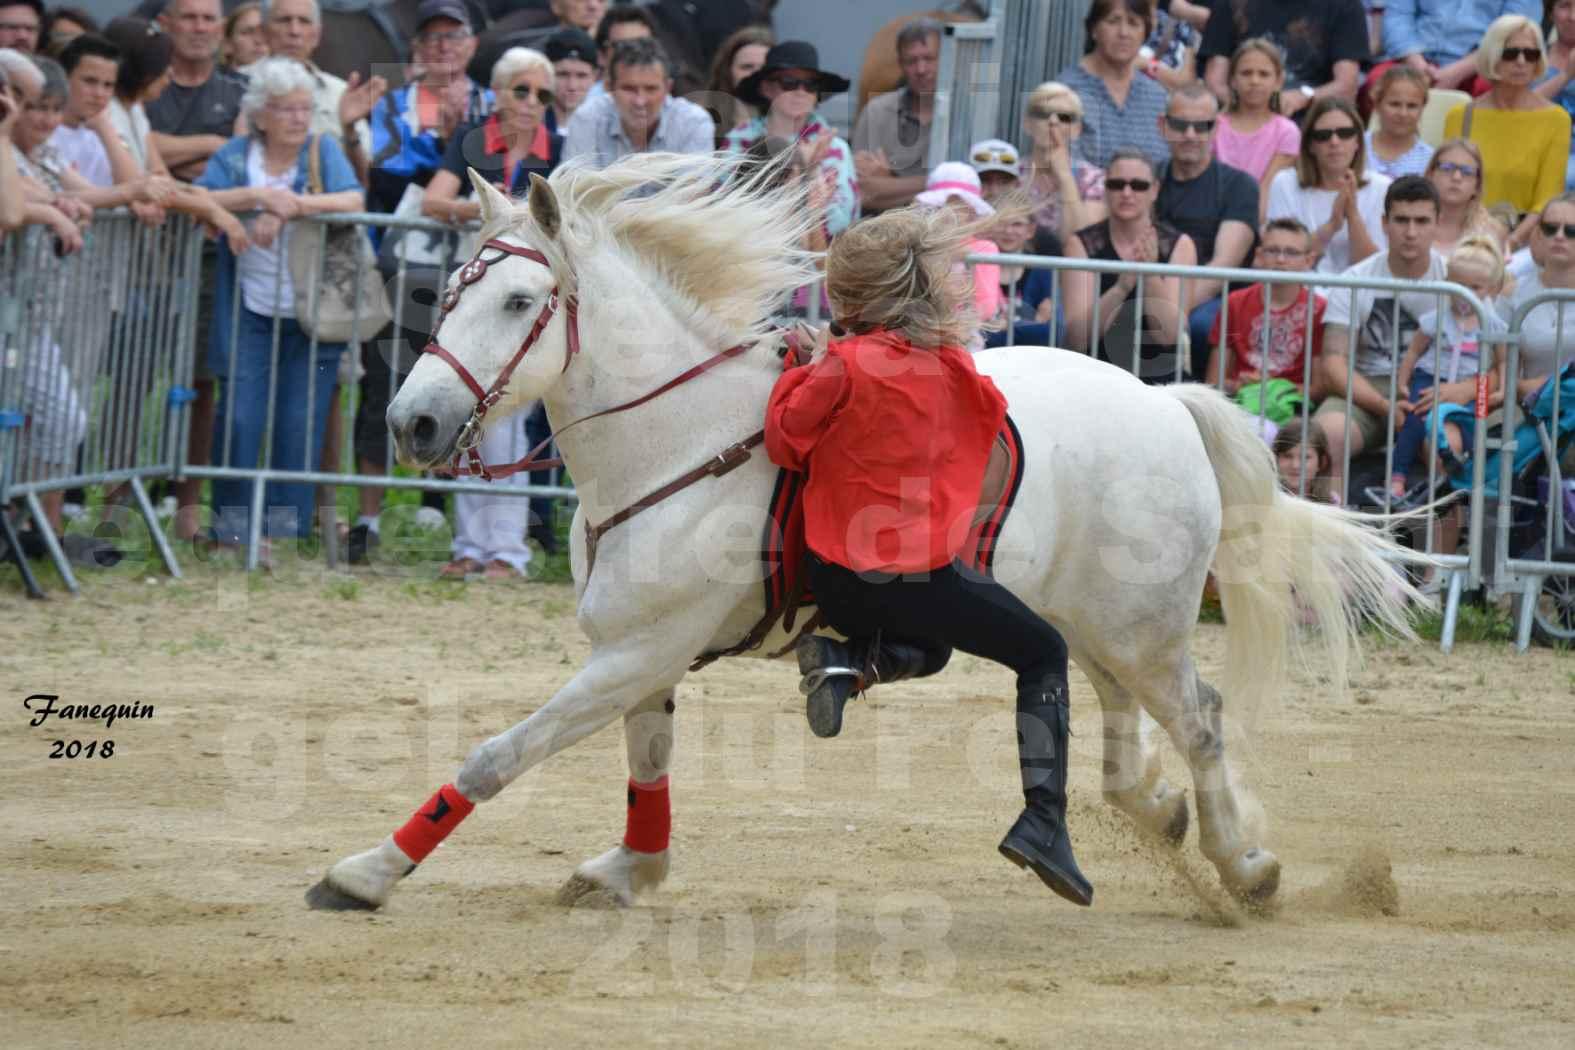 Spectacle Équestre le 3 juin 2018 à Saint Gély du Fesc - Voltige équestre - Troupe de Jean Antoine FIRMIN - 27